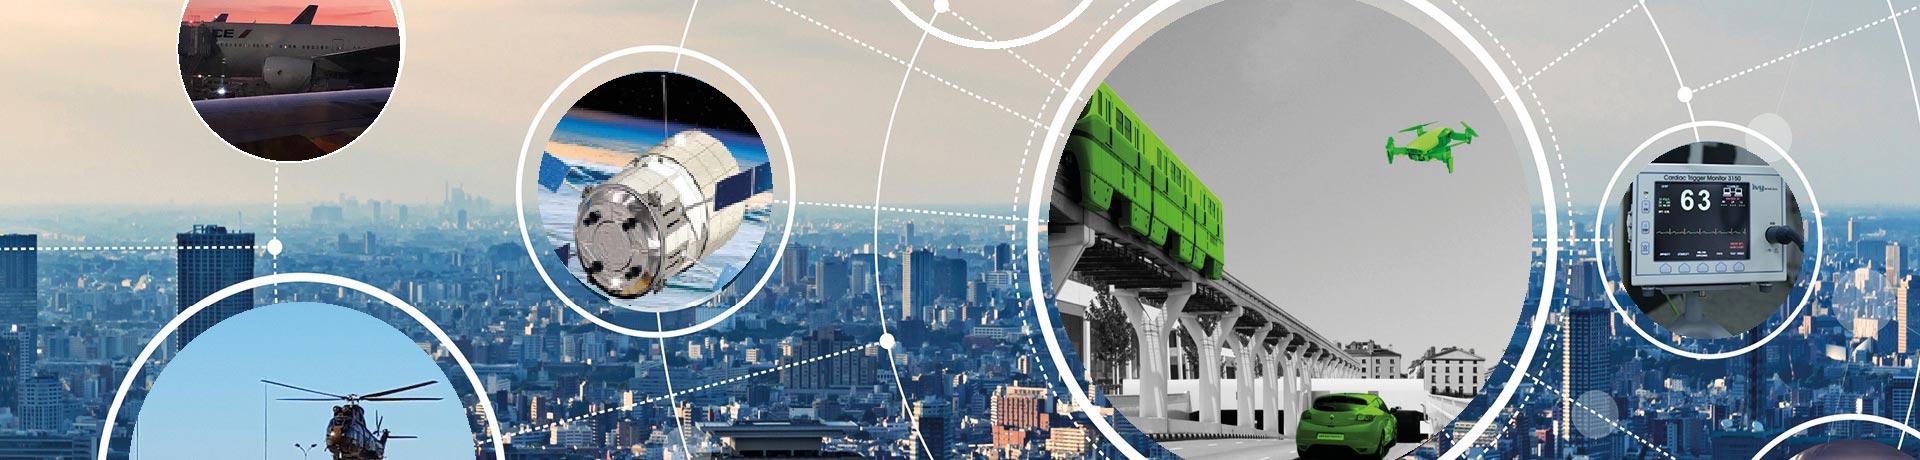 Les principaux secteurs de Sopemea : Ferroviaire, Aéronautique, Défense, Energie, Bien industriels